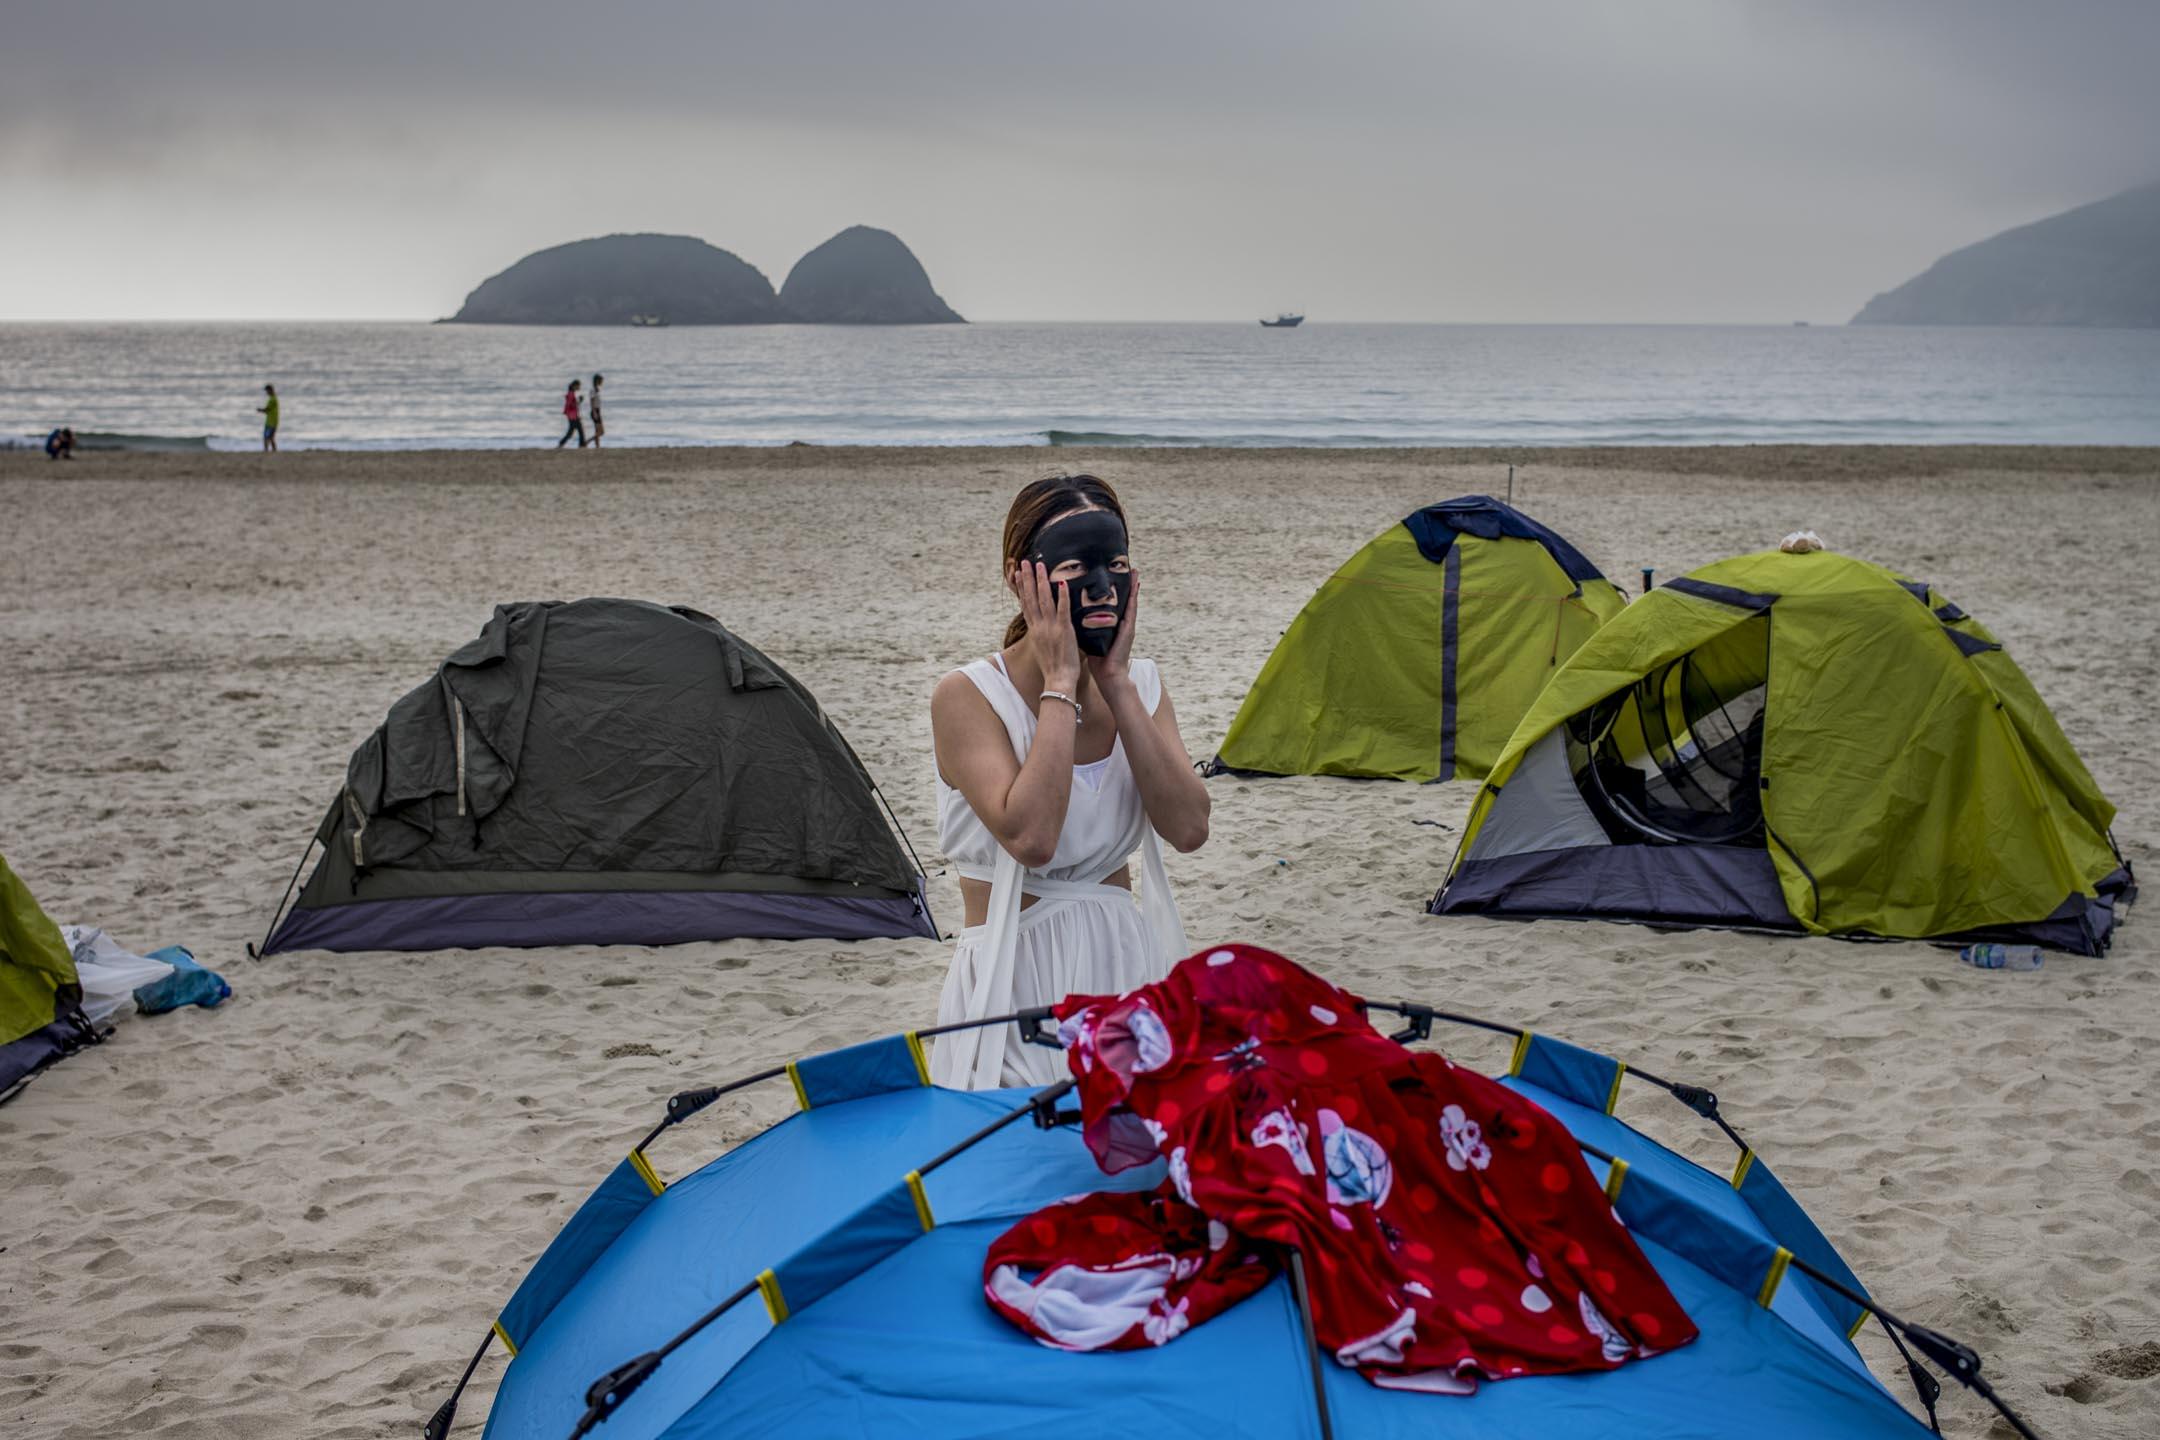 2018年5月1日清晨,不少內地客在鹹田灣露營,有旅客正在敷面膜。近年有大量內地團以平價招徠,到自然景色優美的西灣及鹹田灣舉辦生態遊,費用包括交通及住宿營具。 攝:林振東/端傳媒